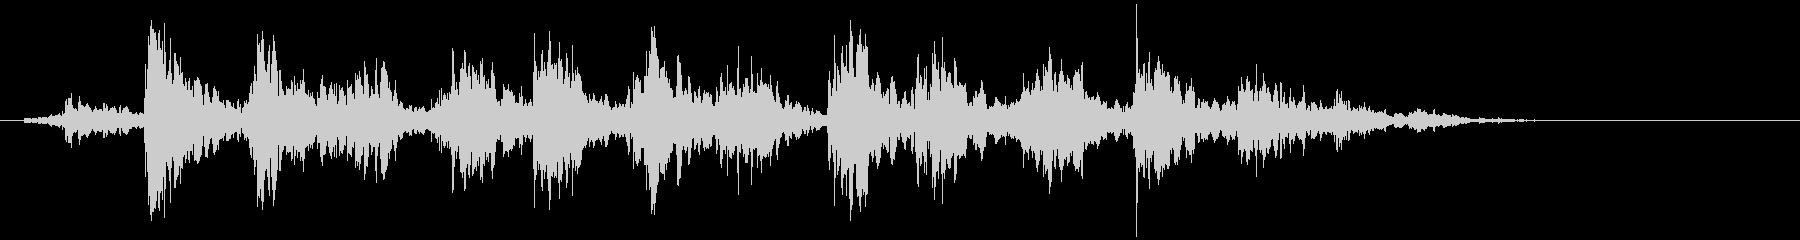 タンバリン 連続(シャシャシャッ…)の未再生の波形